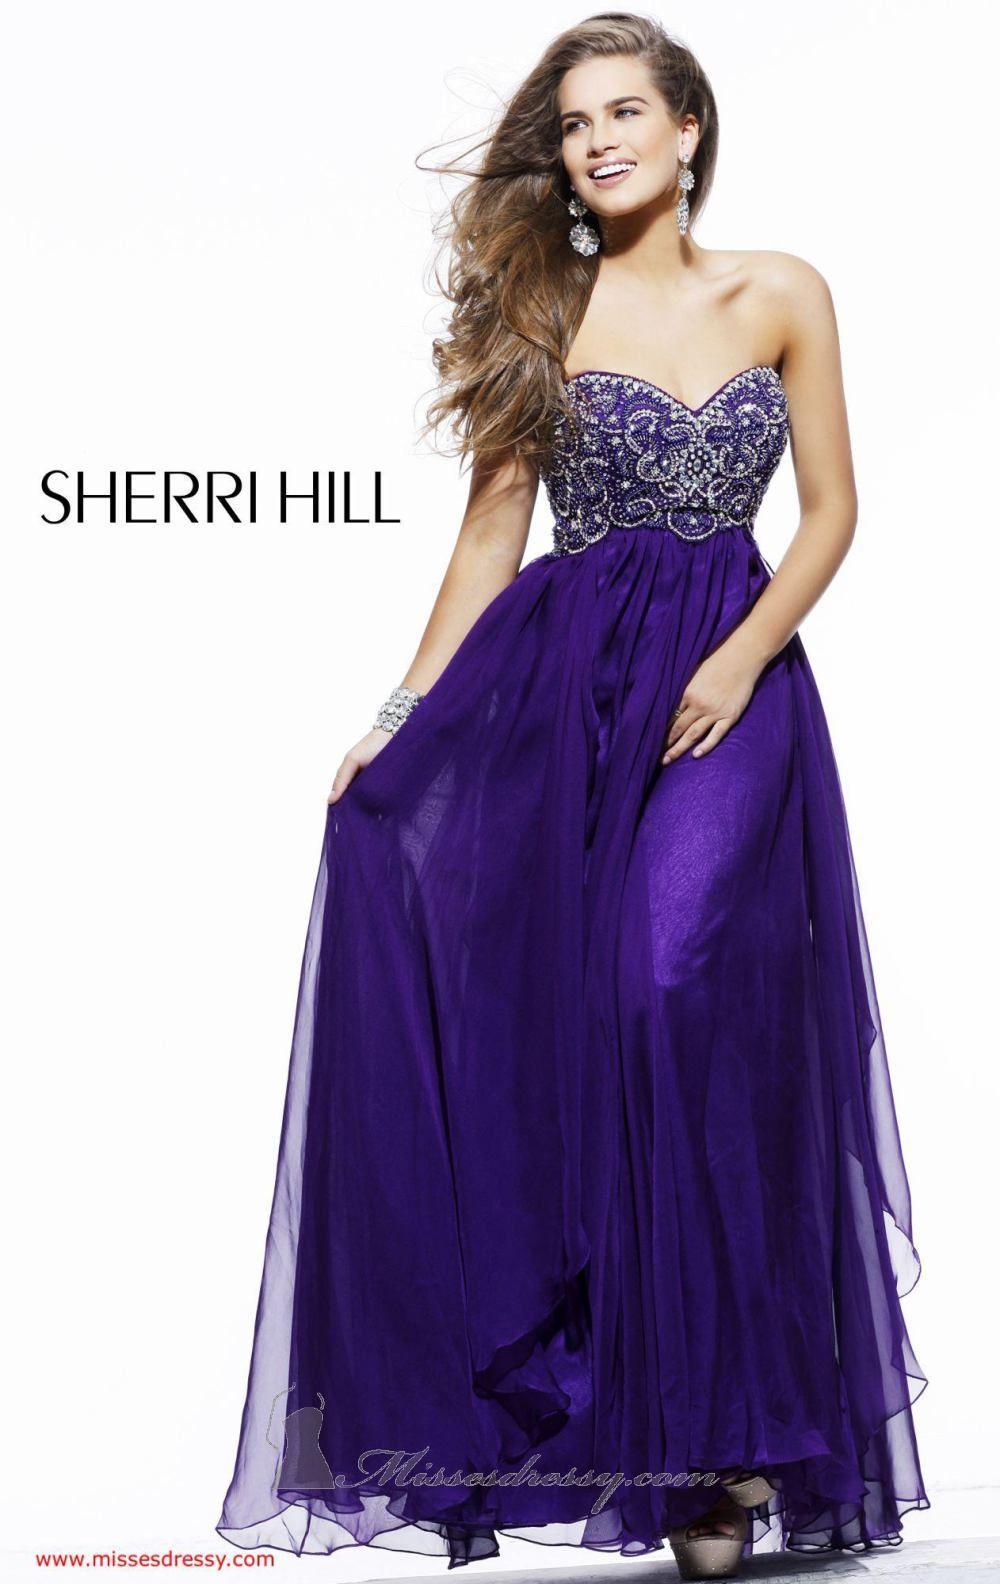 Sherri Hill 3802 Vestido - MissesDressy.com | formatura | Pinterest ...